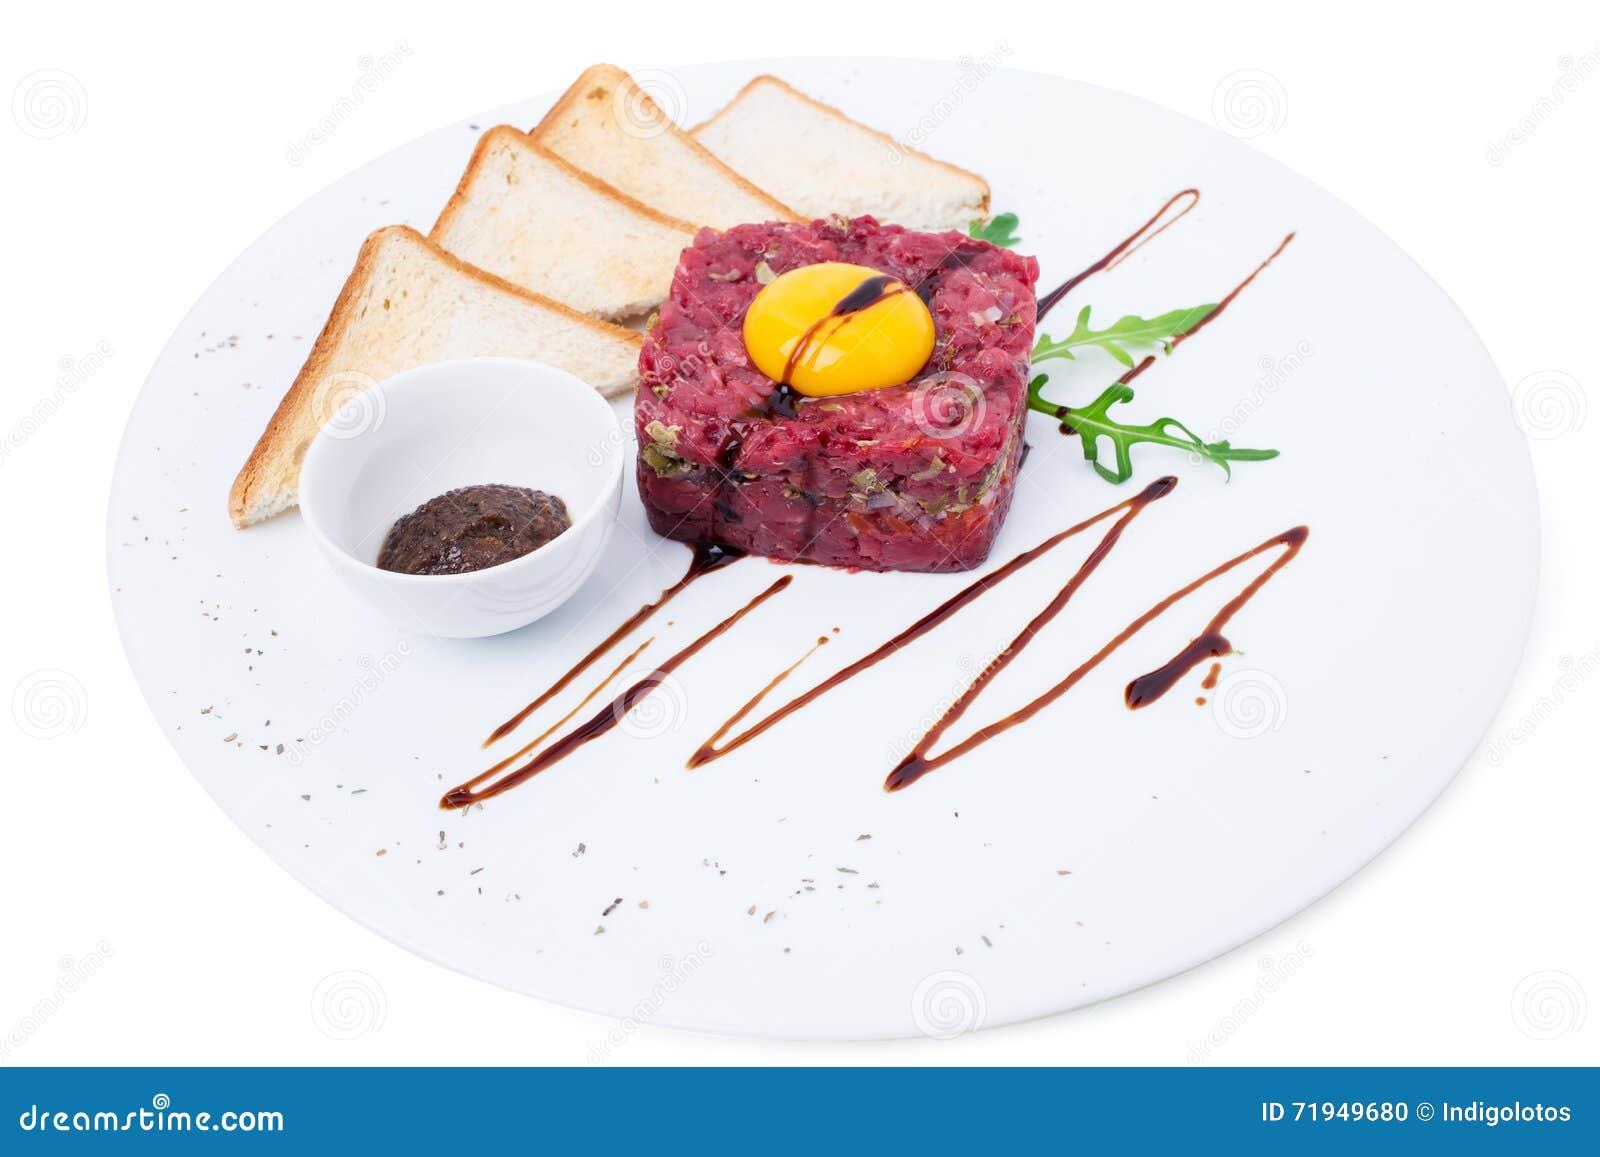 Очень вкусное tartare стейка с яичным желтком